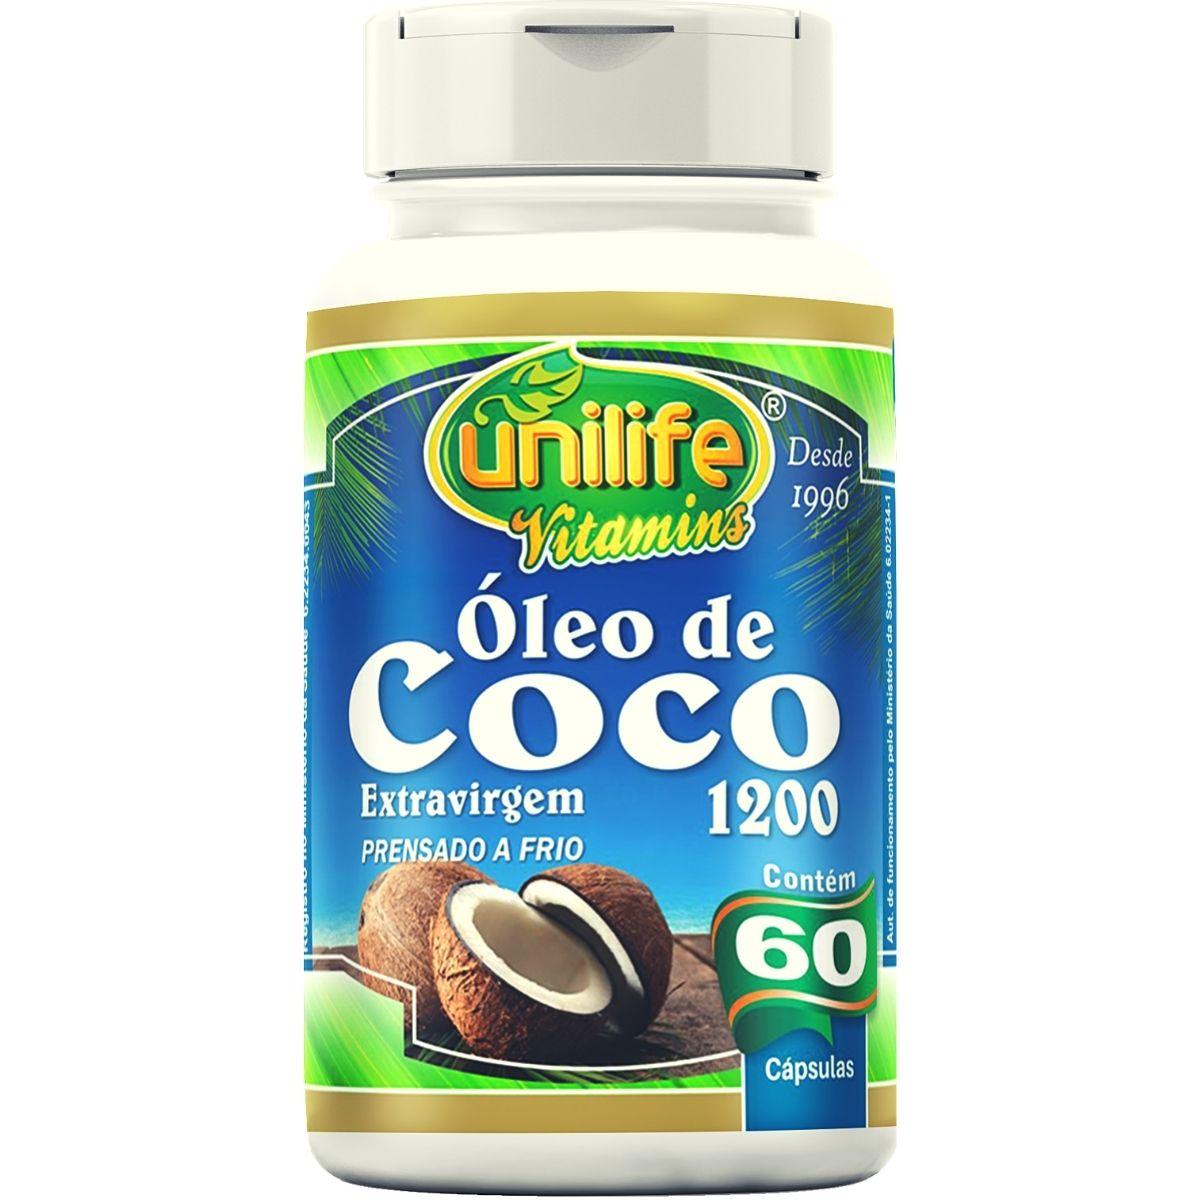 Óleo de Coco Extra Virgem 60 Cápsulas 1200mg - Unilife